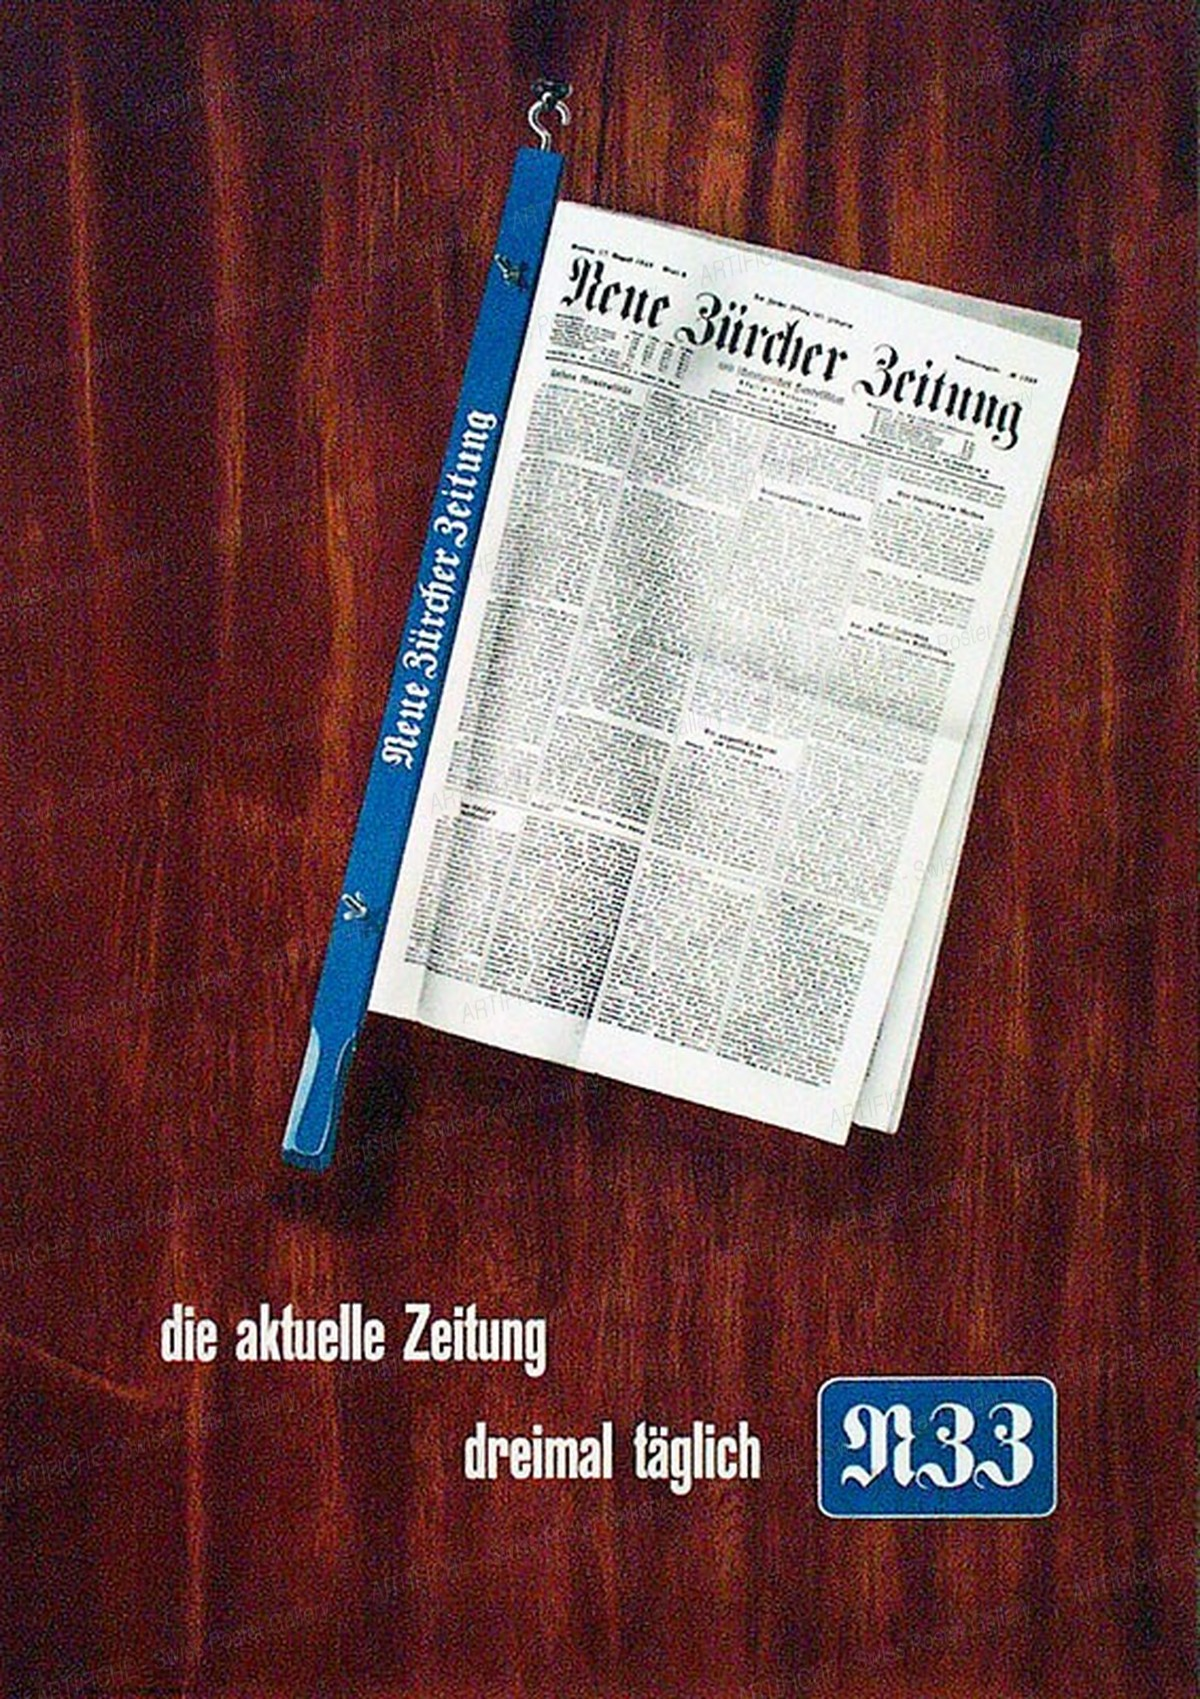 Neue Zürcher Zeitung – Die aktuelle Zeitung dreimal täglich NZZ, Hermann Suter